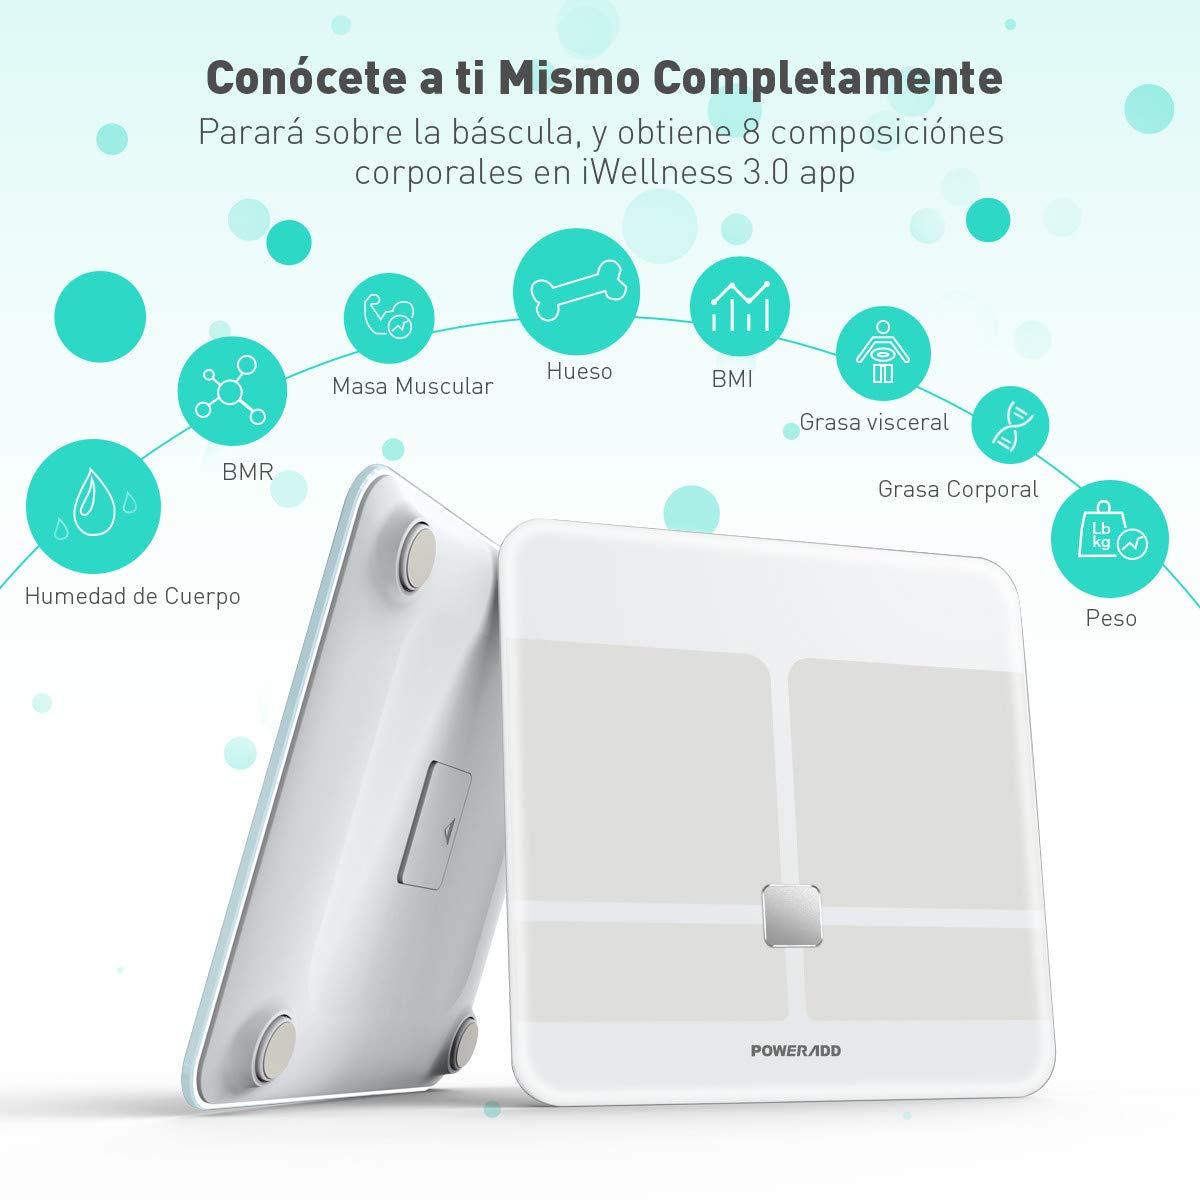 POWERADD Báscula Digital con Bluetooth 4.0 y la tecnología avanzada BIA con Color Blanco: Amazon.es: Salud y cuidado personal